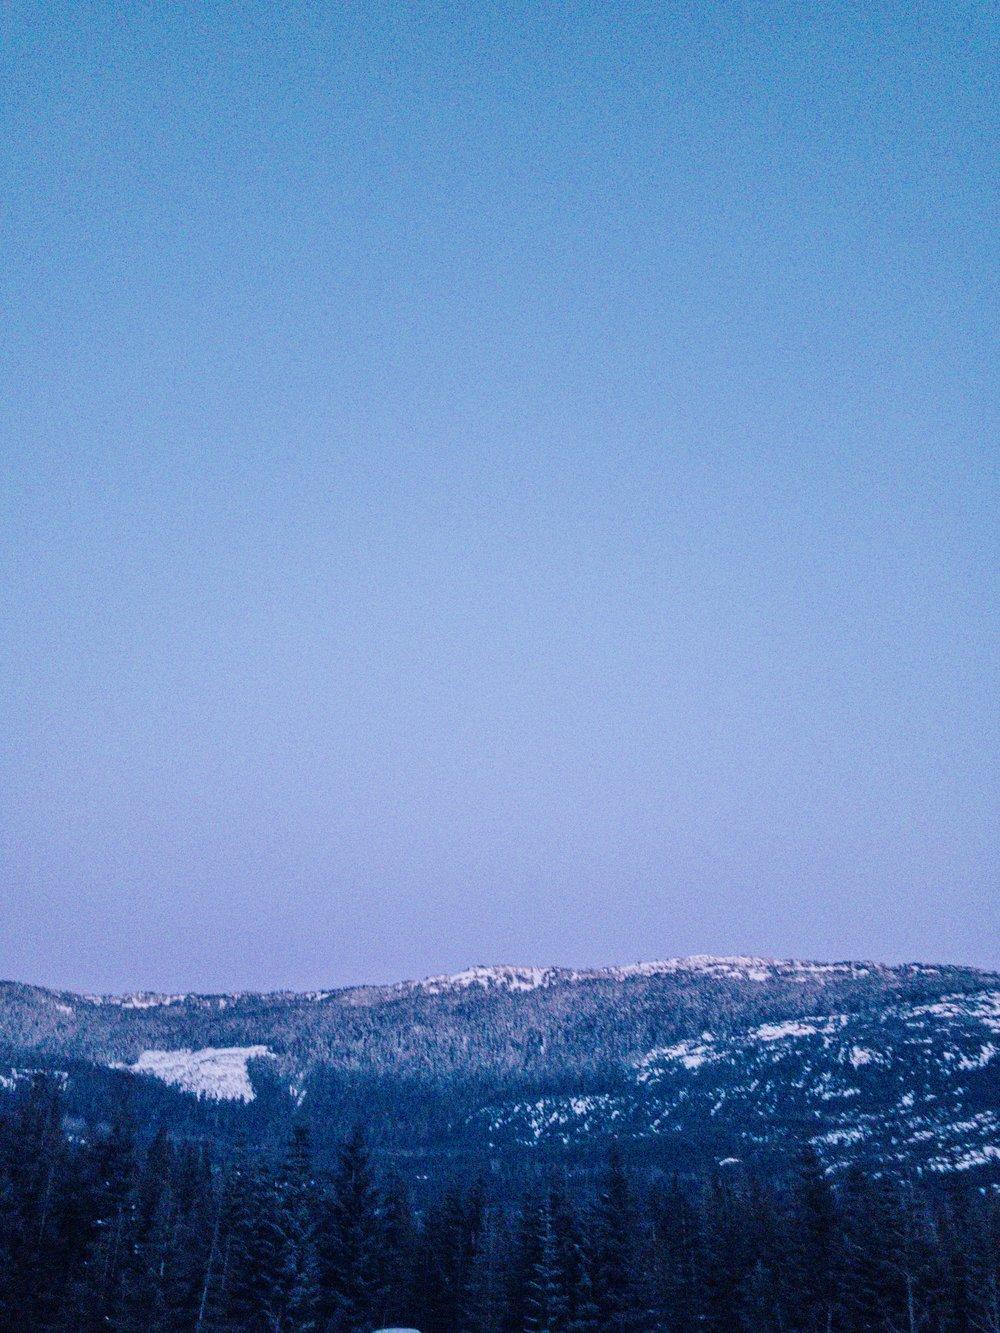 Alpine glow on Whistler mountain range